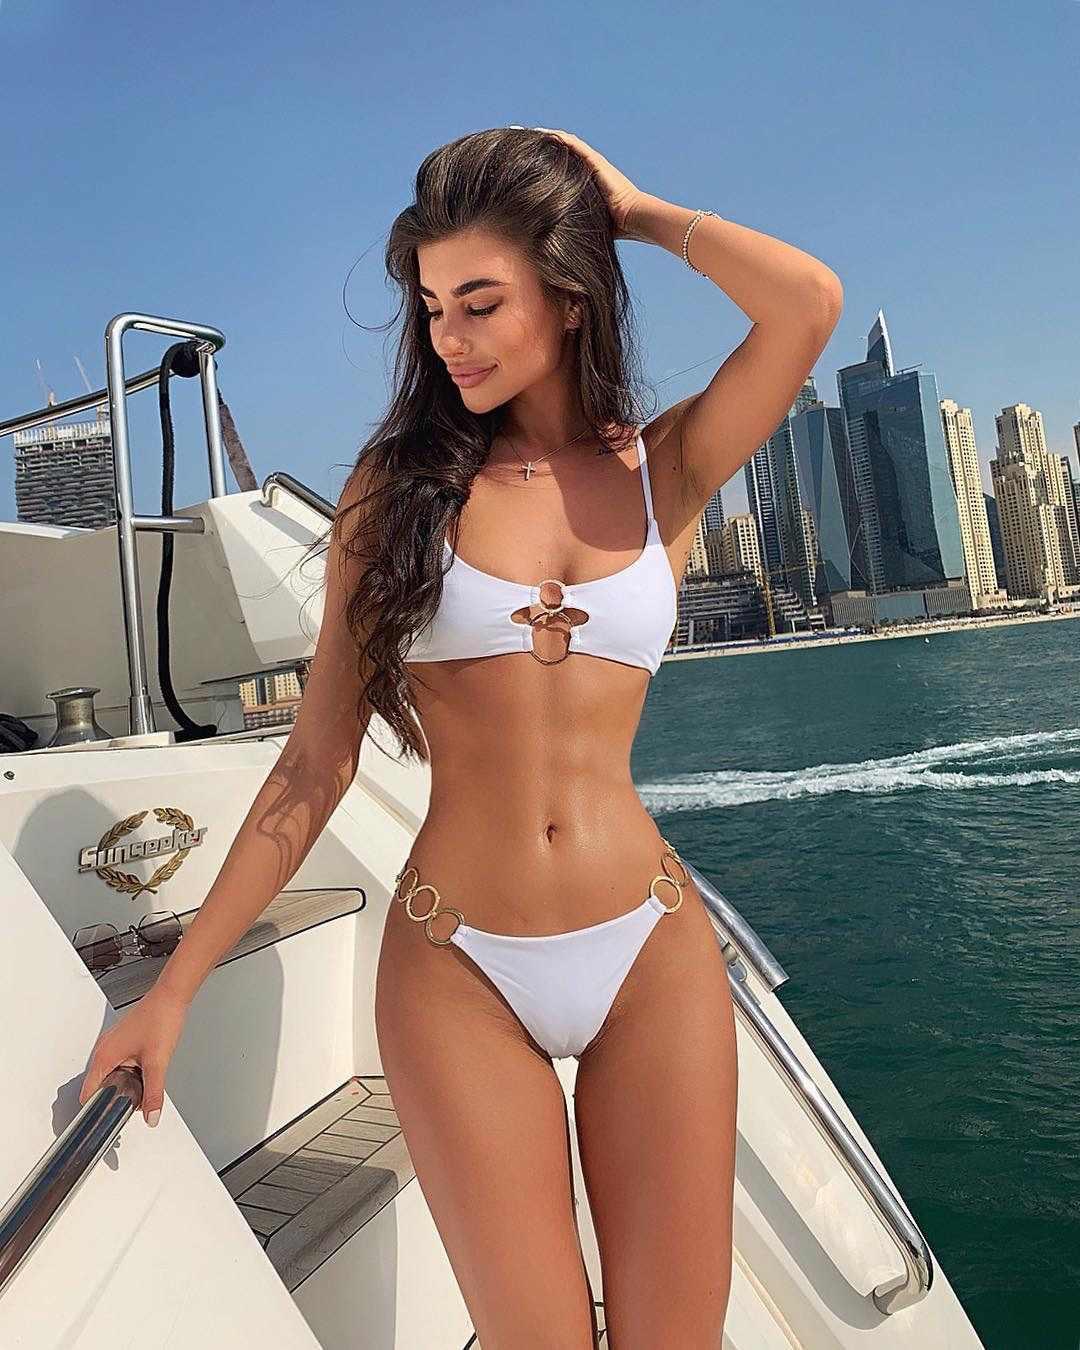 ביקיני סט 2019 מכירה לוהטת פשוט טבעת אביזרי נשים בגדי ים ביקיני סגנון חדש לדחוף את מרופד בריכת בגד ים